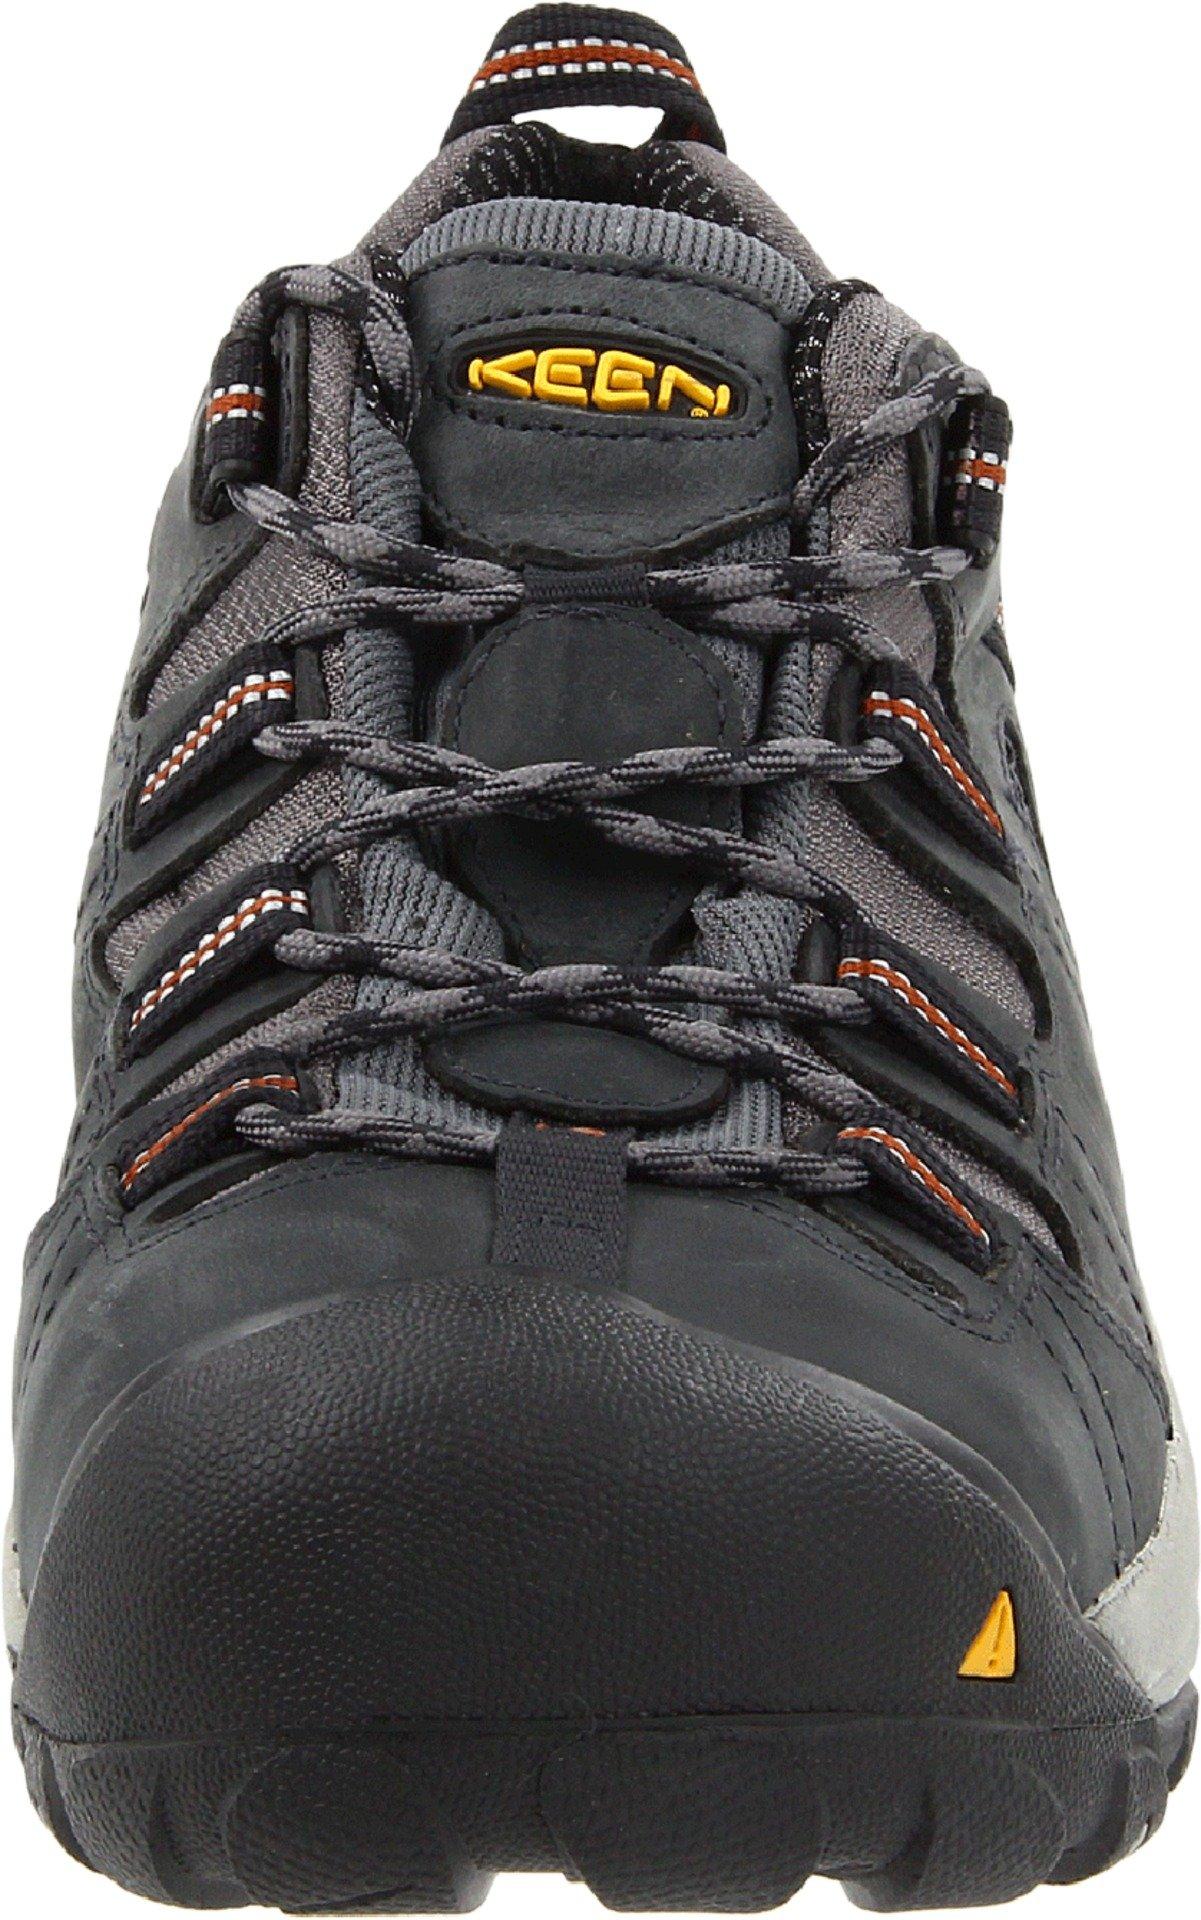 Keen Utility Men S Detroit Low Steel Toe Shoe